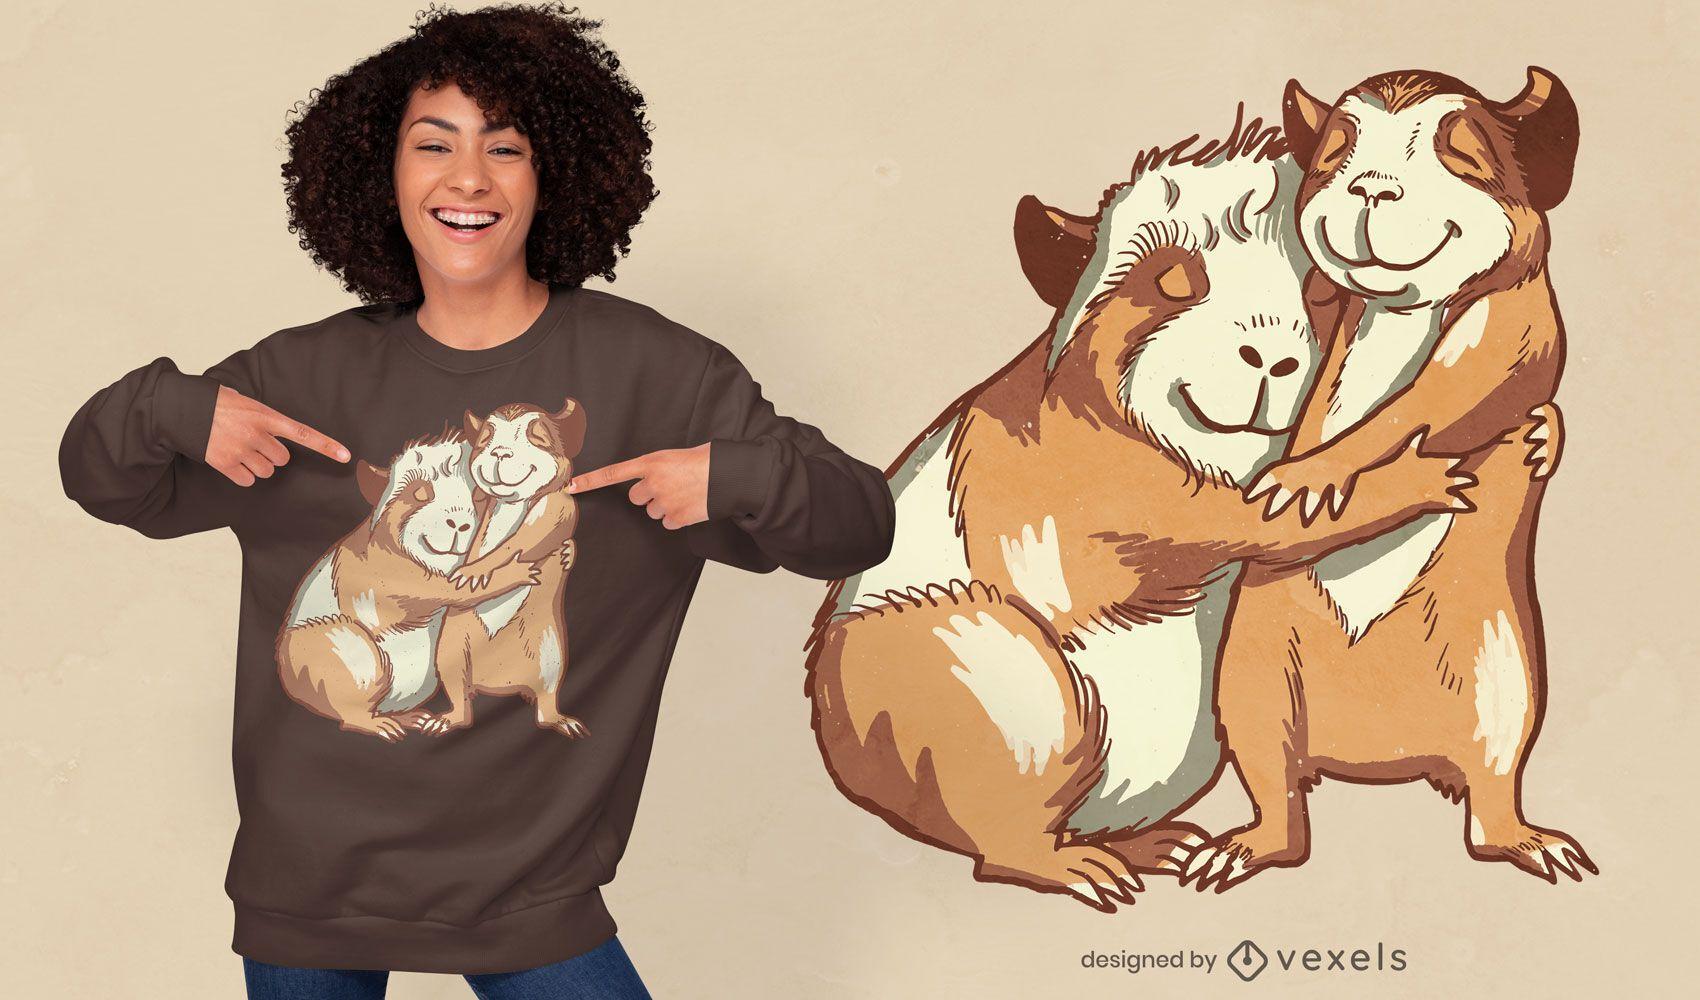 Porquinhos-da-índia felizes abraçando o design da camiseta